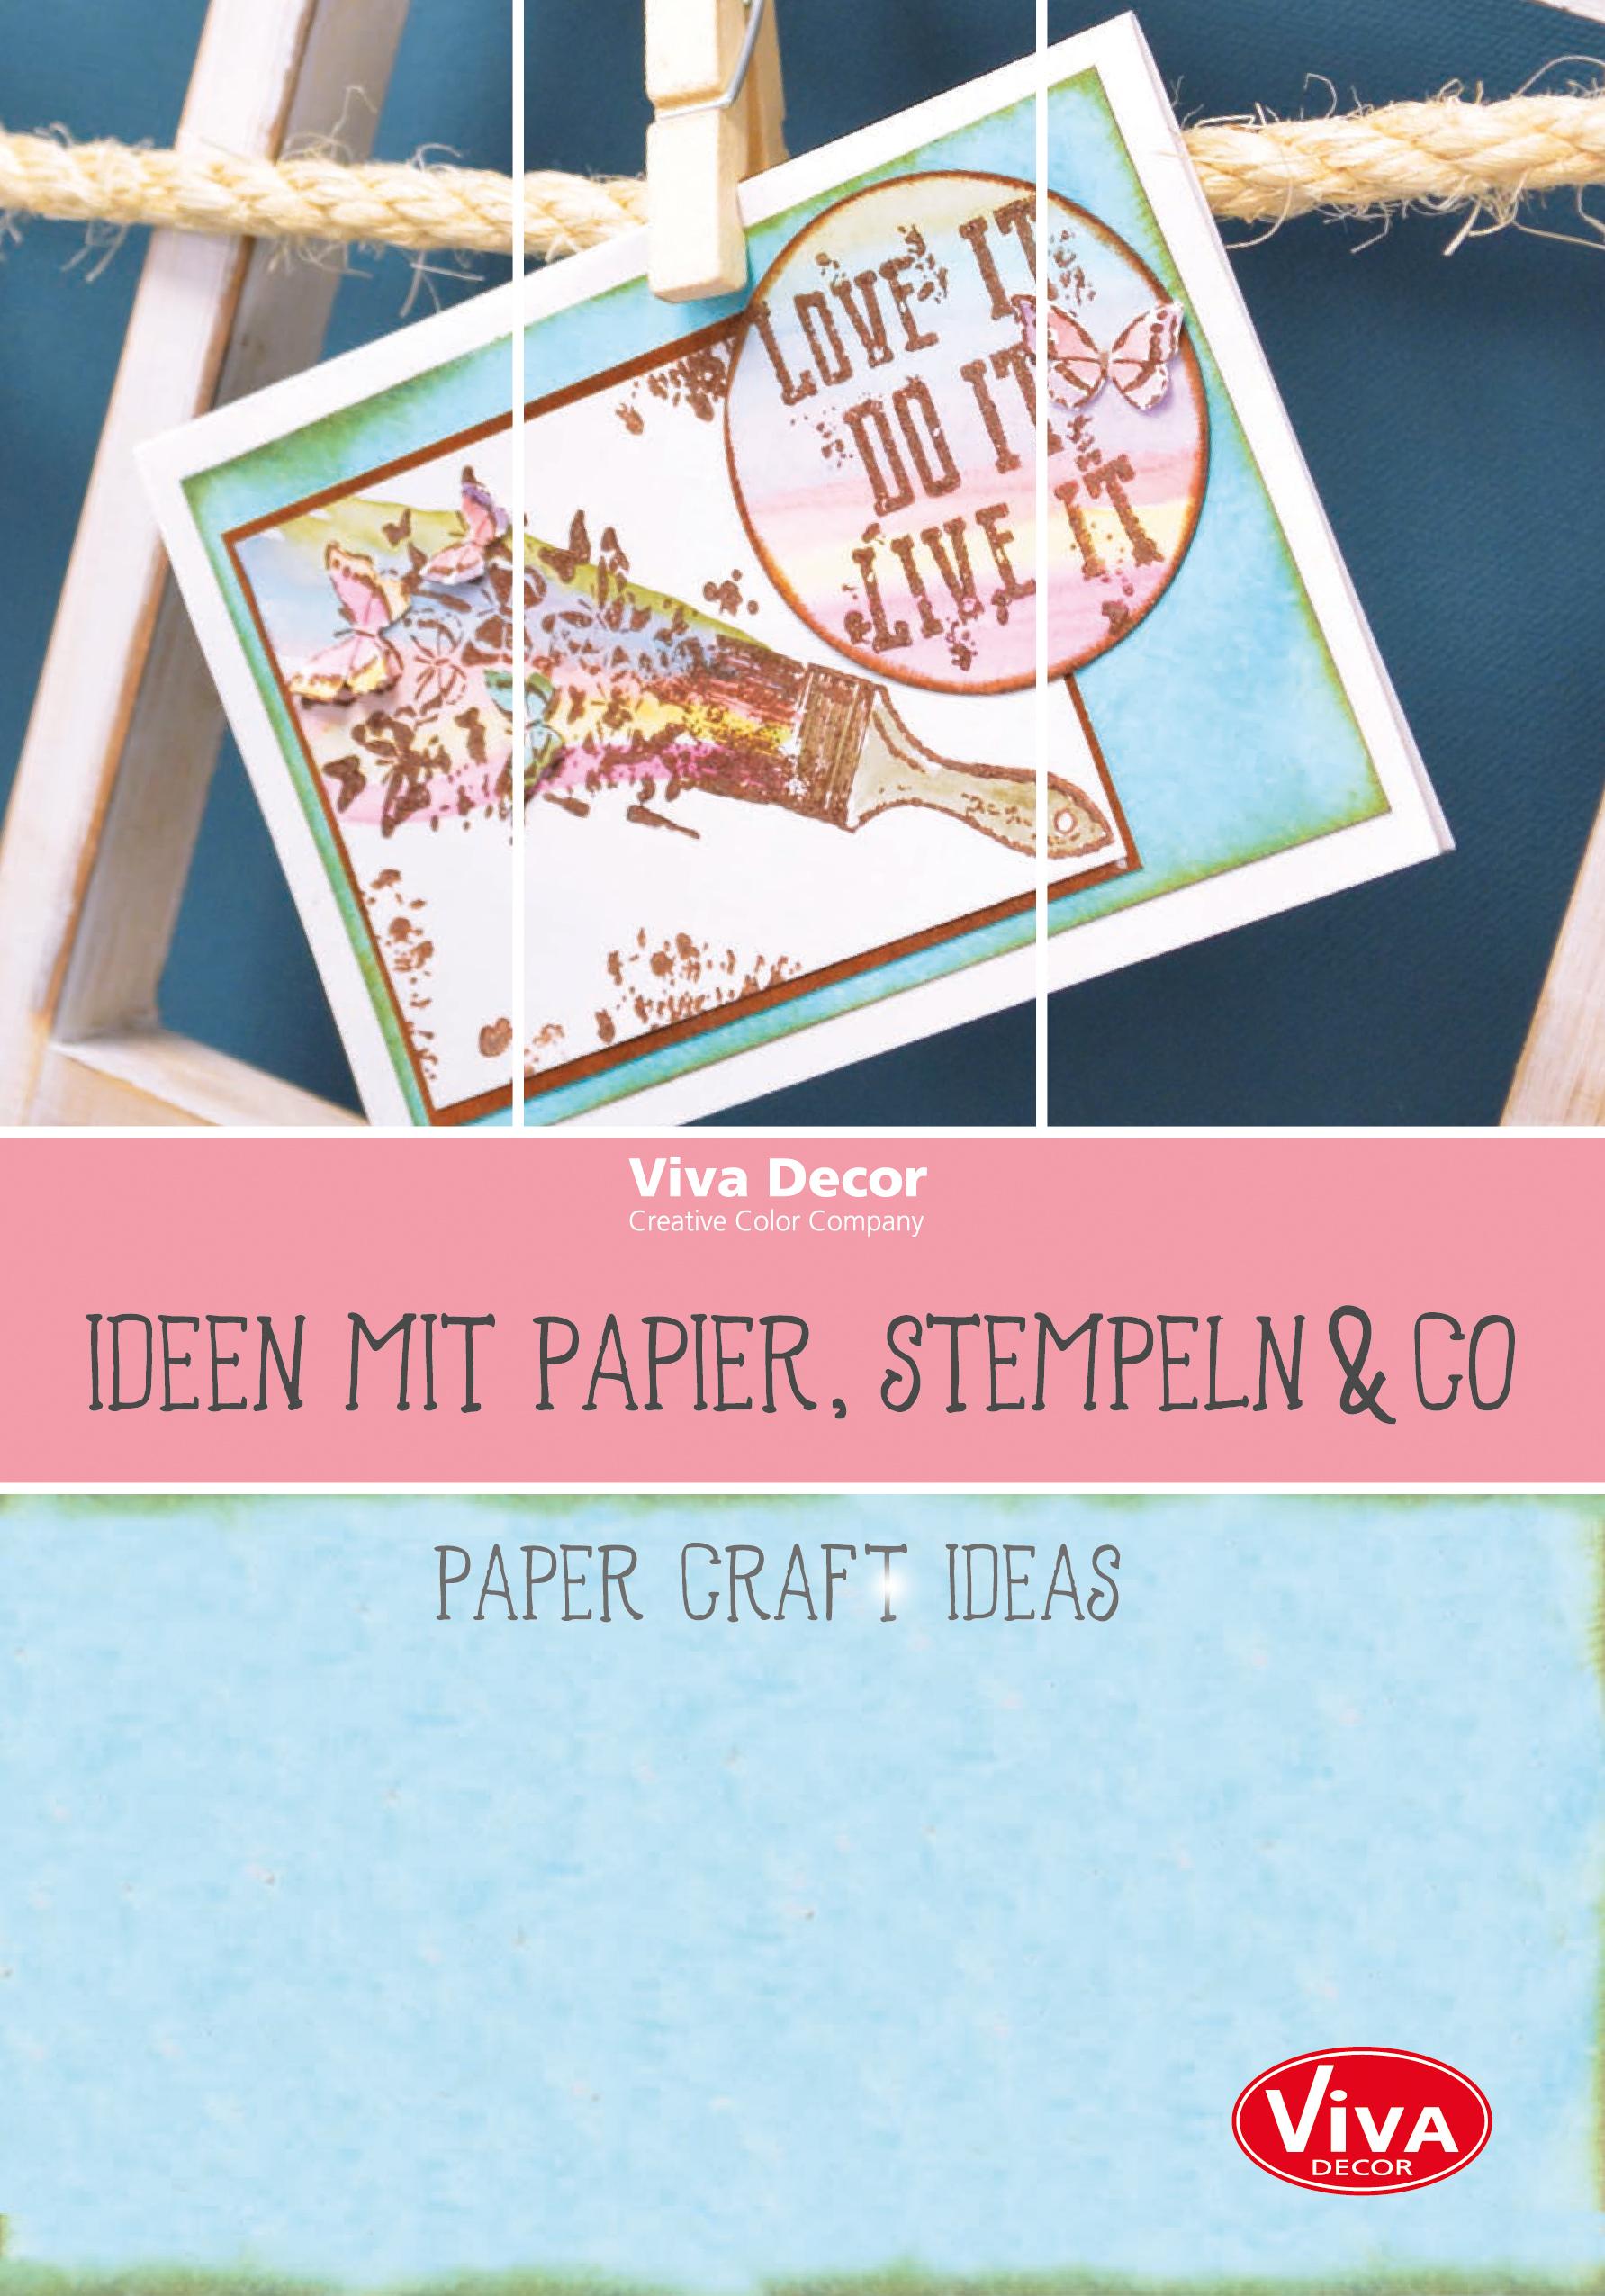 brosch re ideen mit papier stempeln co kreativ depot. Black Bedroom Furniture Sets. Home Design Ideas